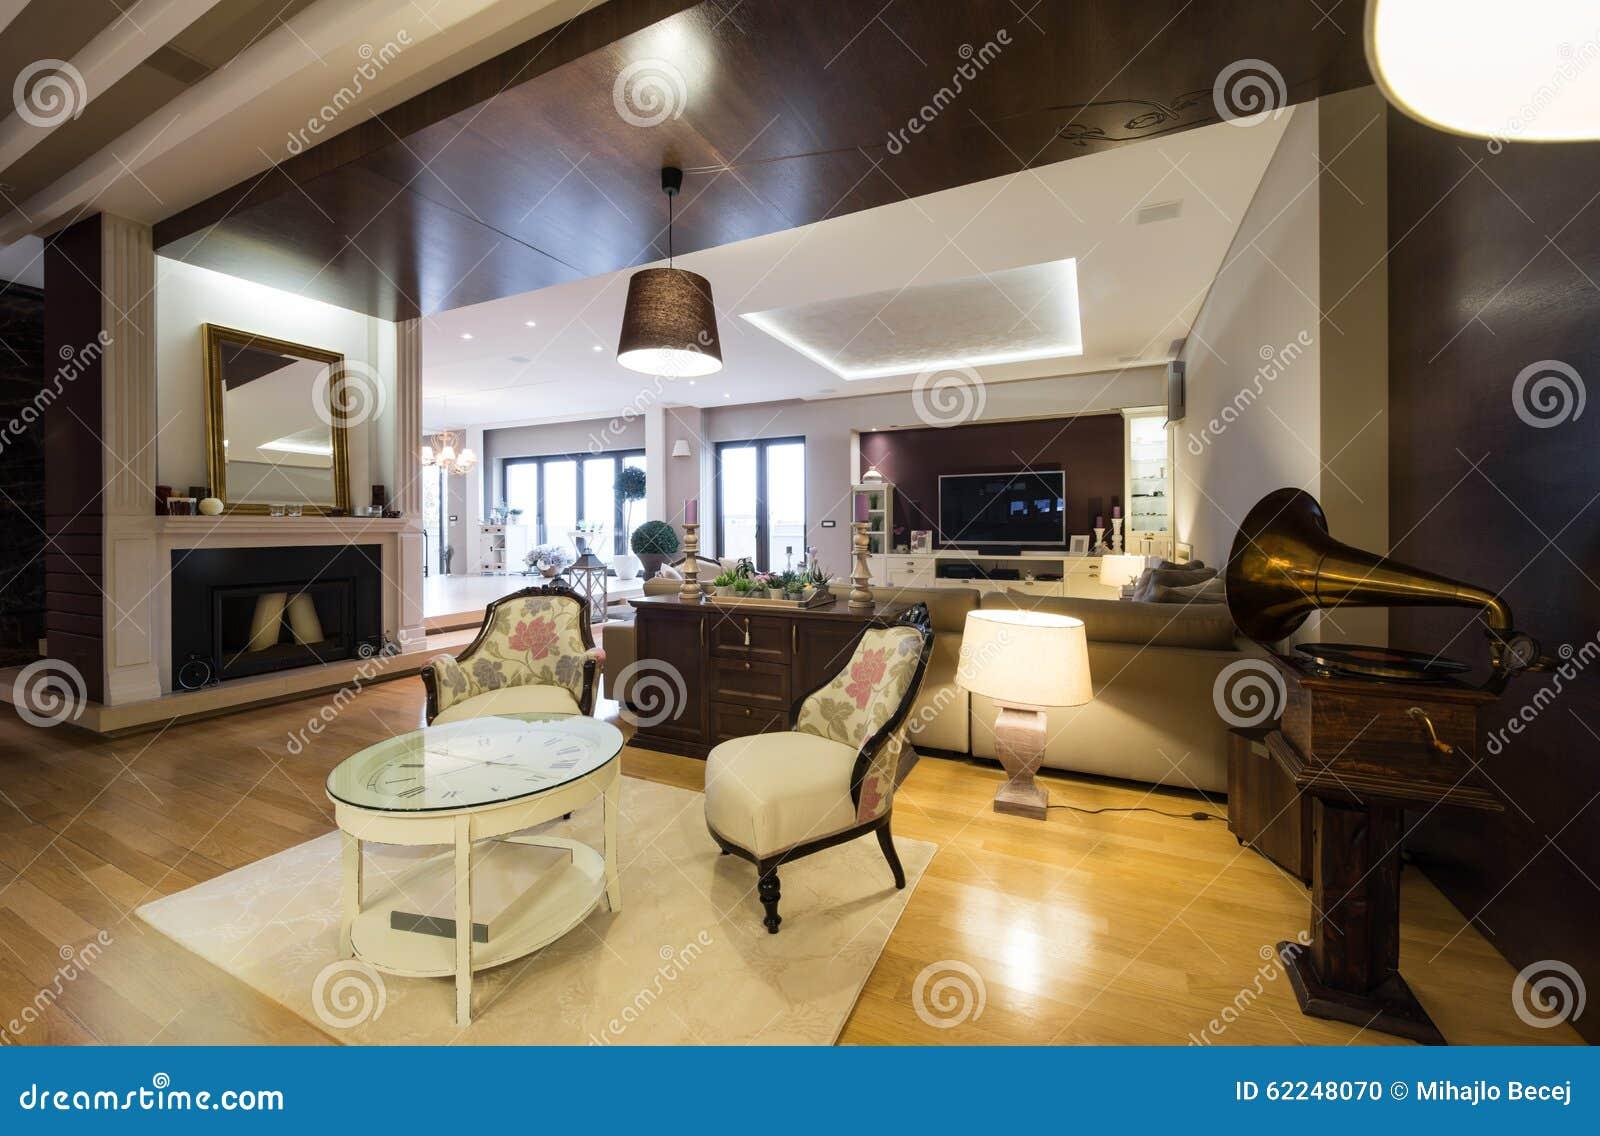 innenraum einer luxuswohnung mit kamin stockfoto - bild: 62248070 - Luxus Wohnung Mit Kaminofen